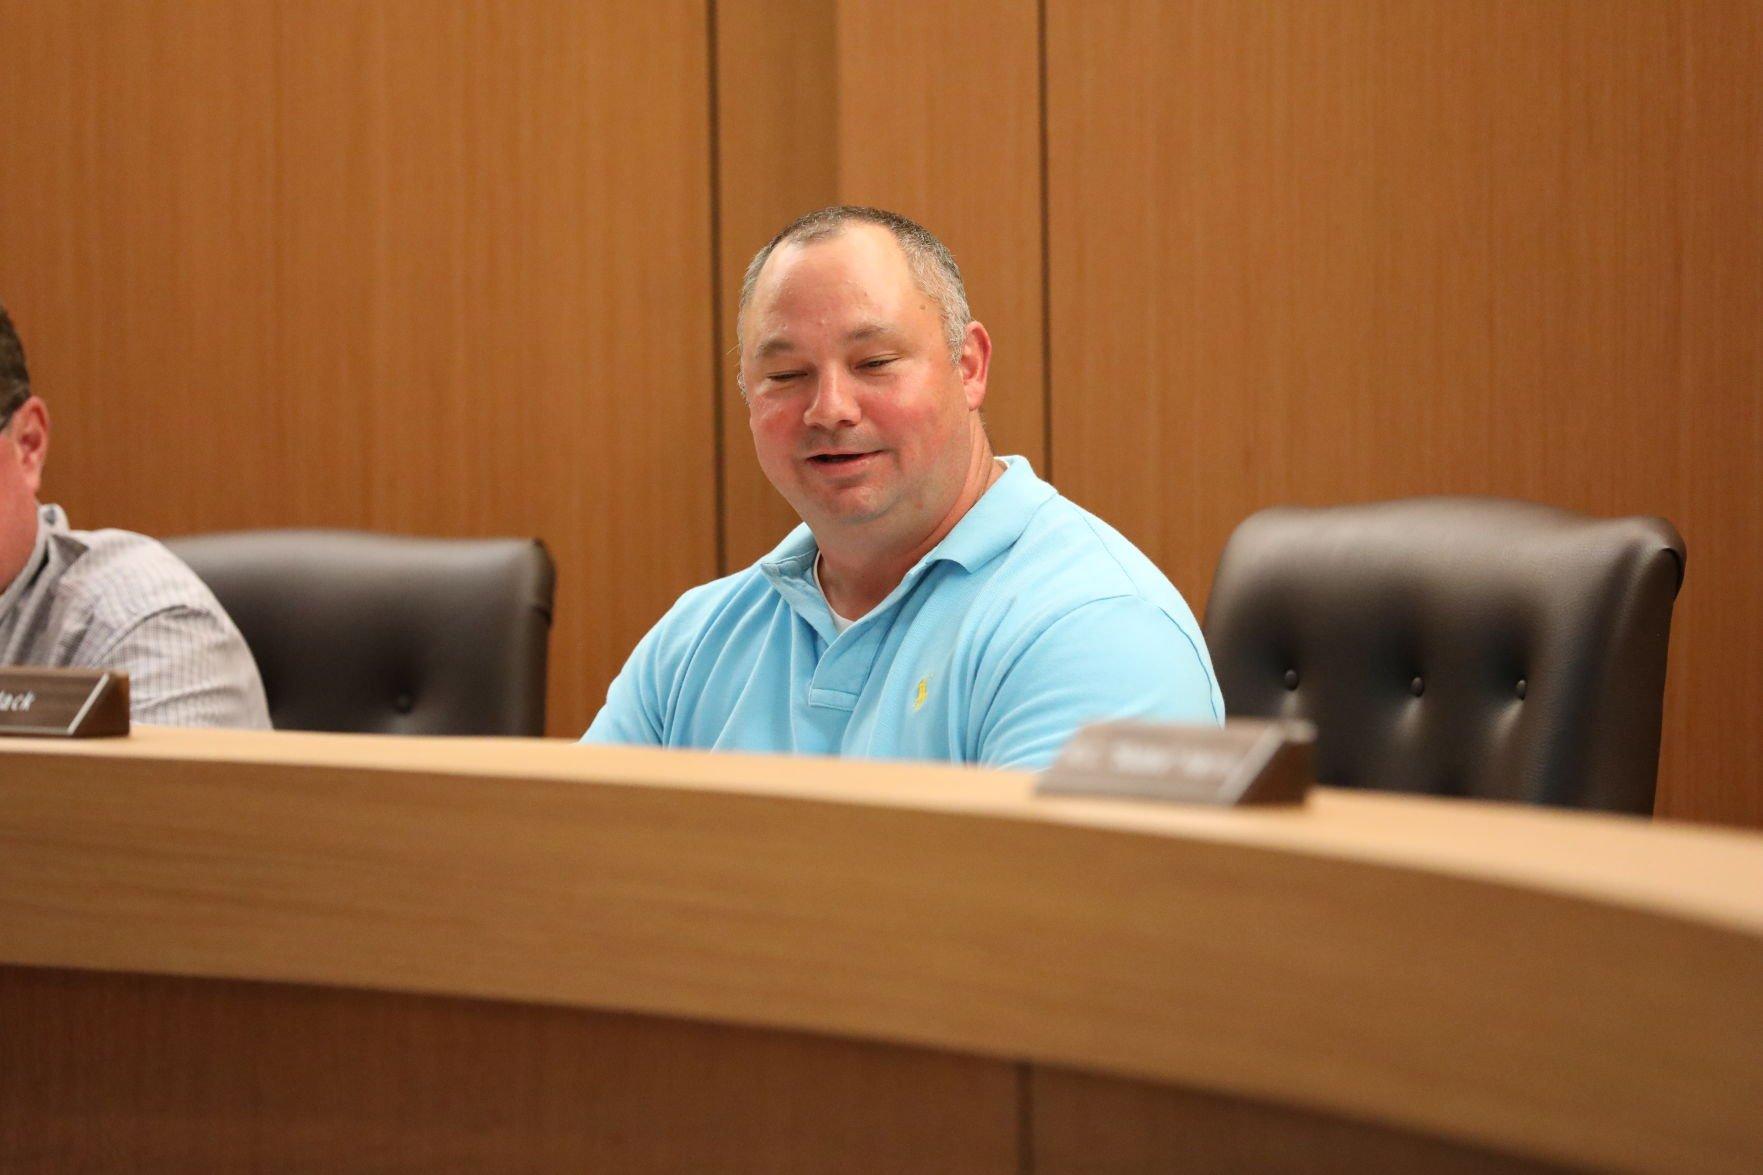 Parish Council Chairman Shane Mack